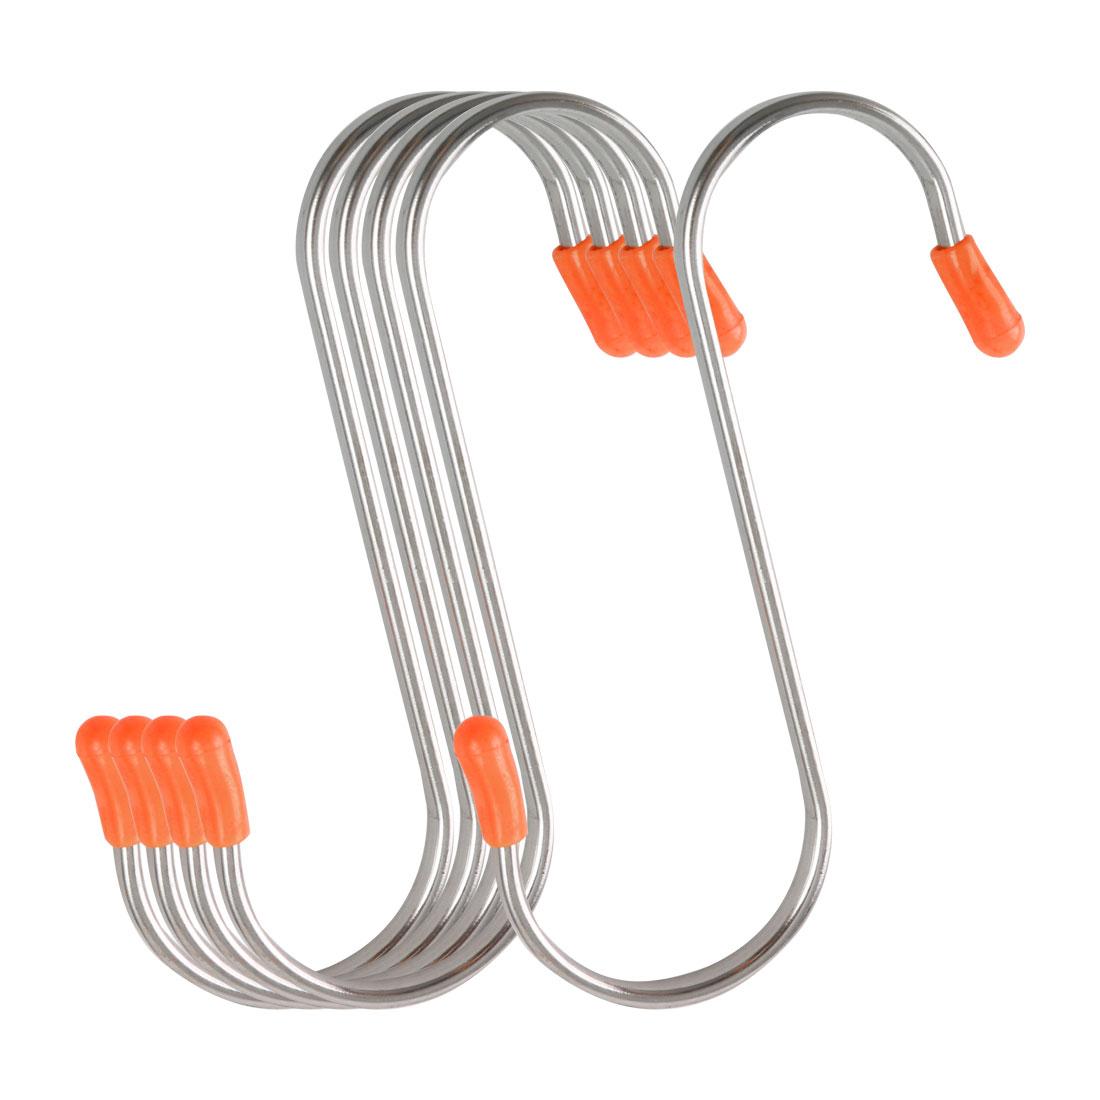 5 Pack S Shape Hooks Rack Stainless Steel for Pot Utensils Holder Silver Tone